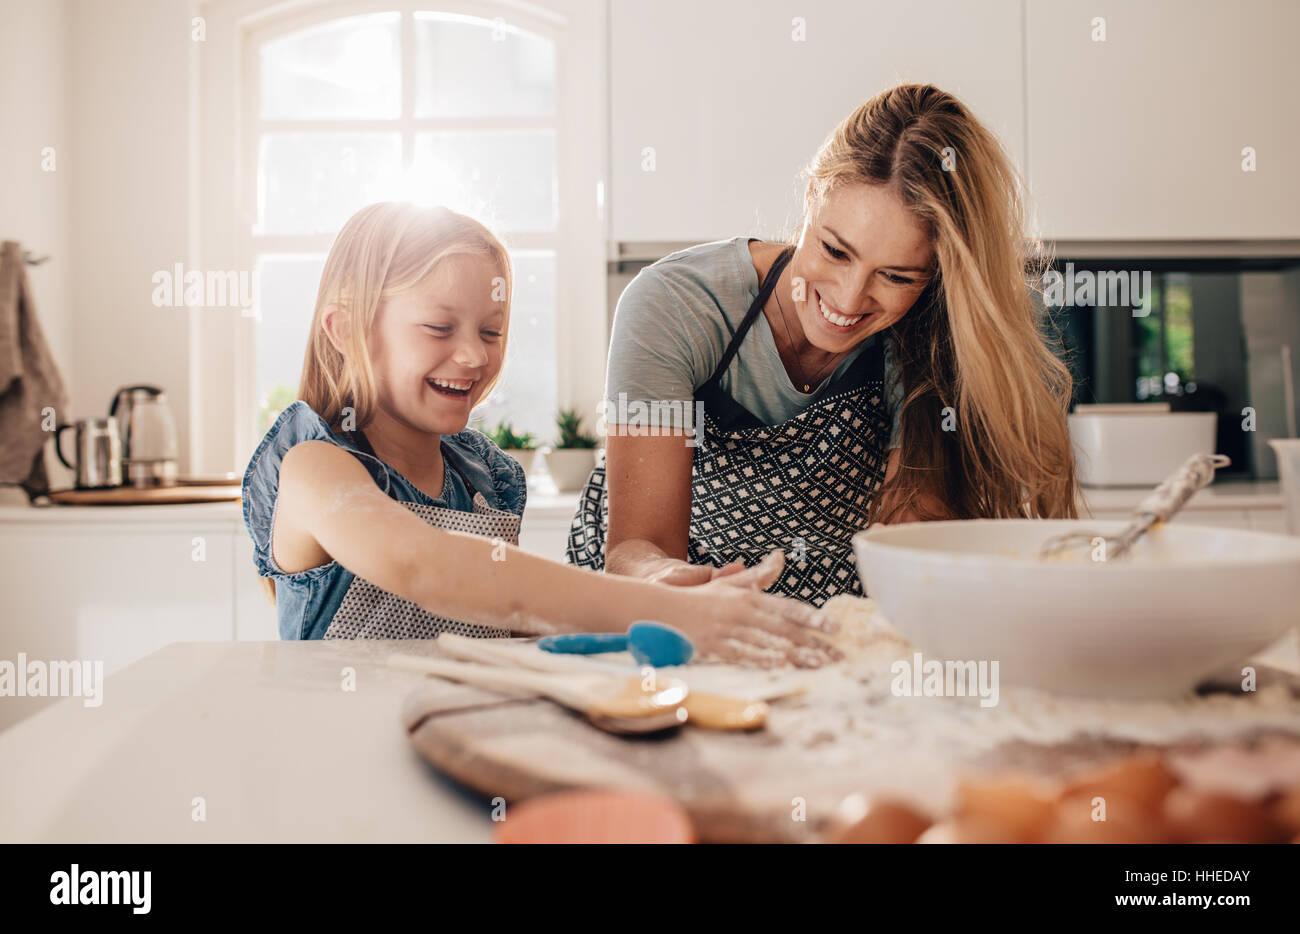 Jeune fille heureuse avec sa mère faire la pâte. Mère et fille la cuisson dans la cuisine. Photo Stock